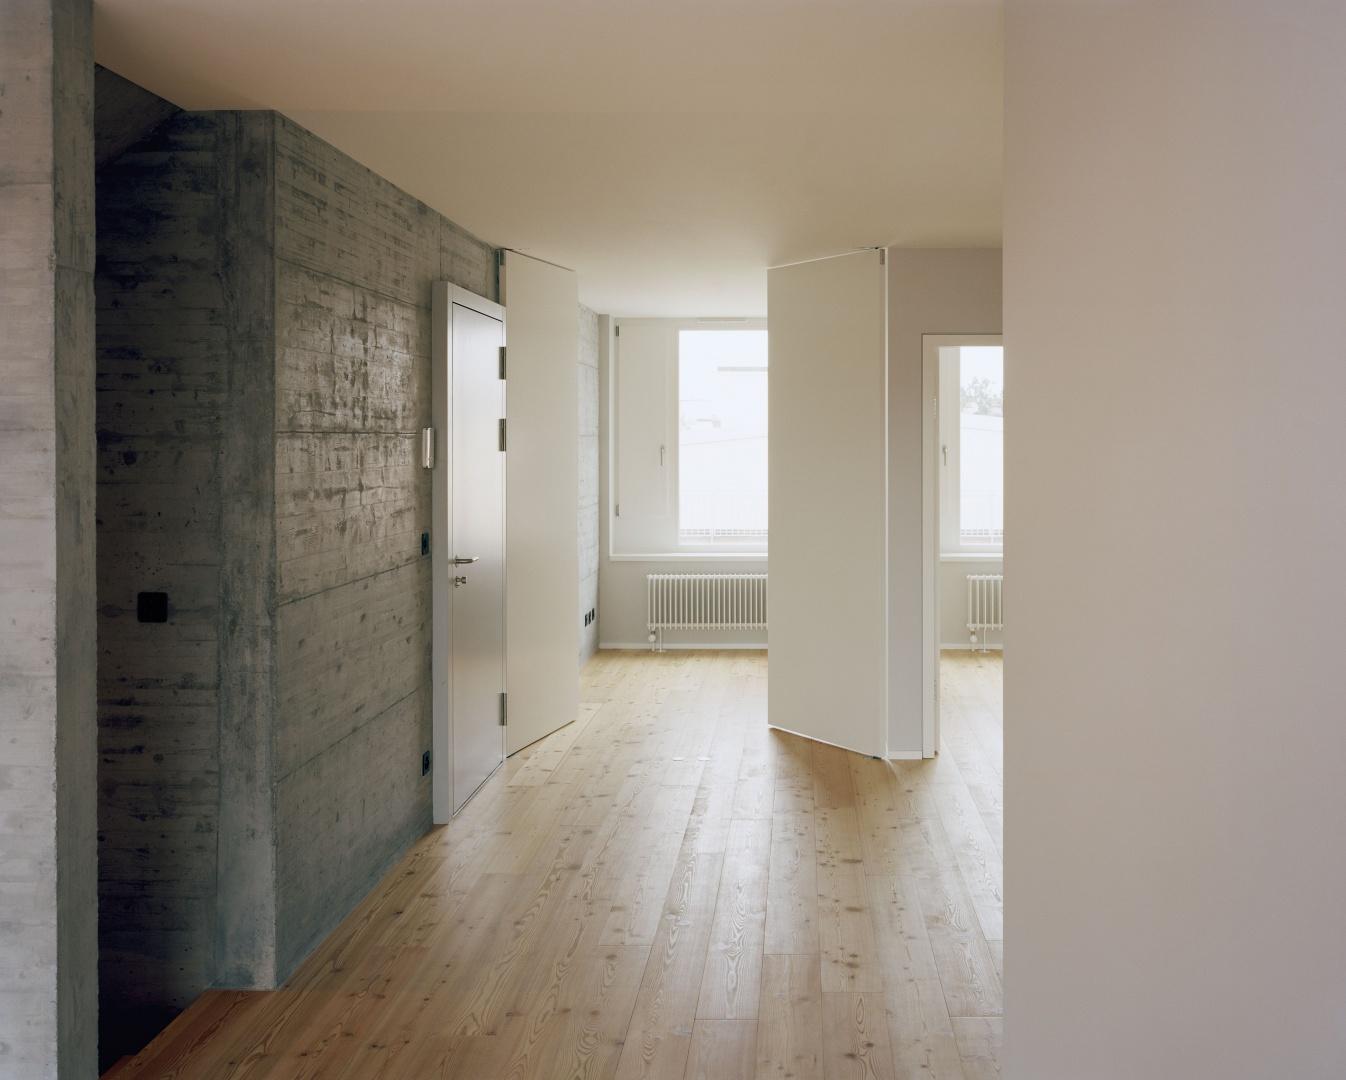 6e étage halle et bureaux, maisonette © Joël Tettamanti